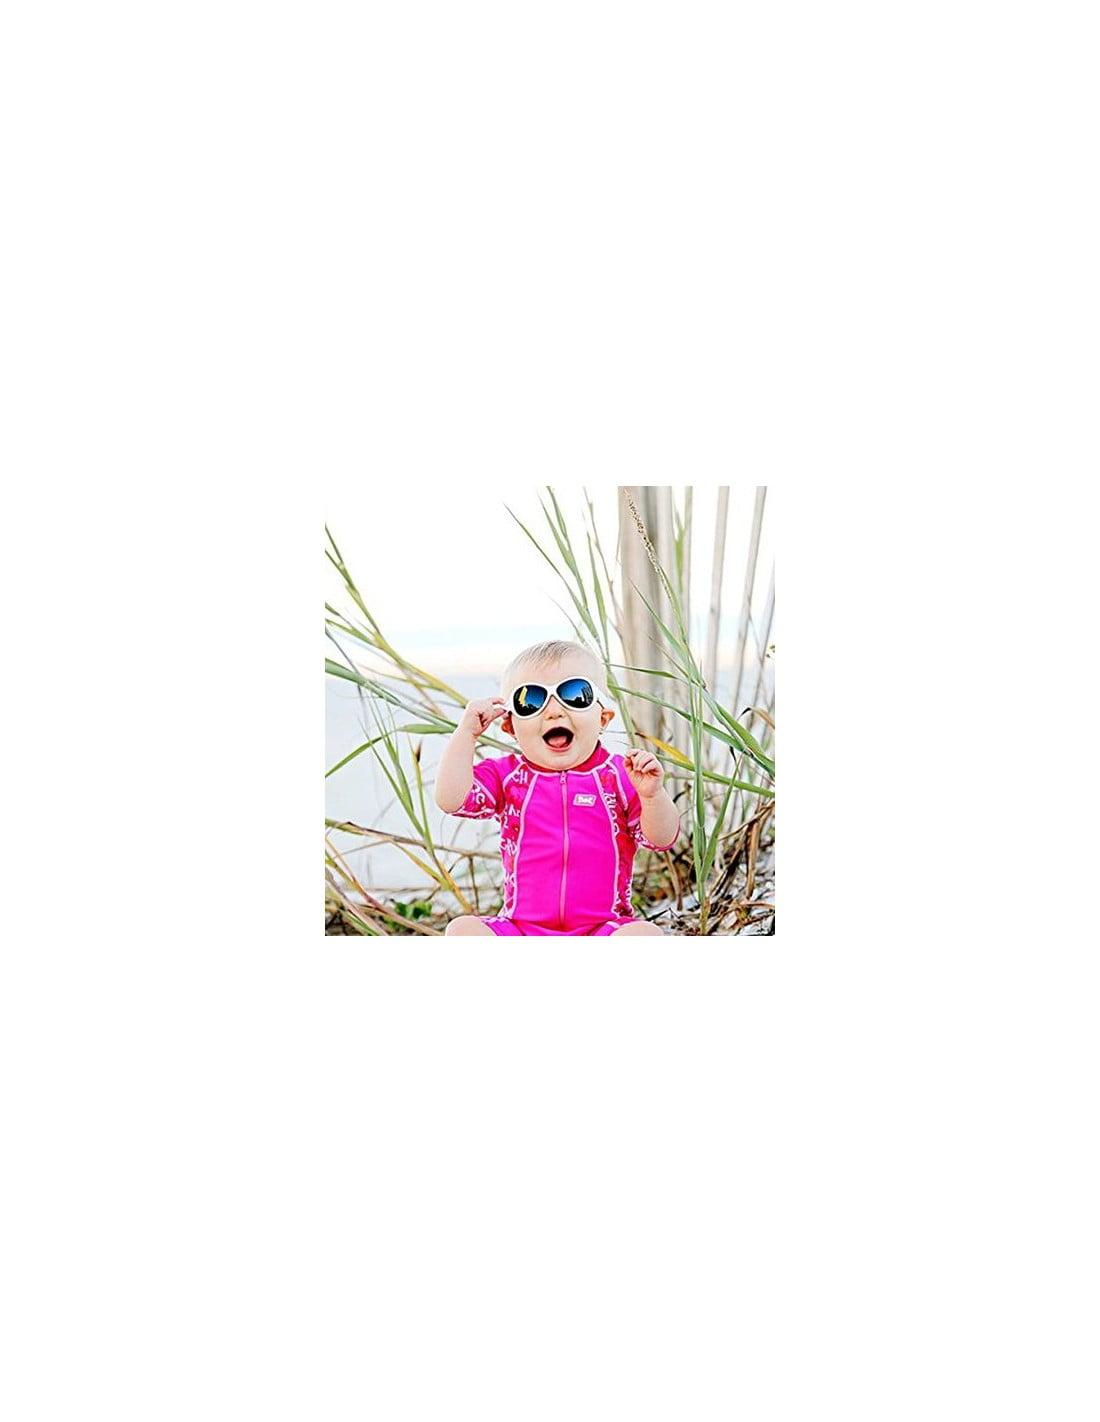 Ochelari de soare Bebe 0-2 ani Retro Oval Pink Diva Banz 3